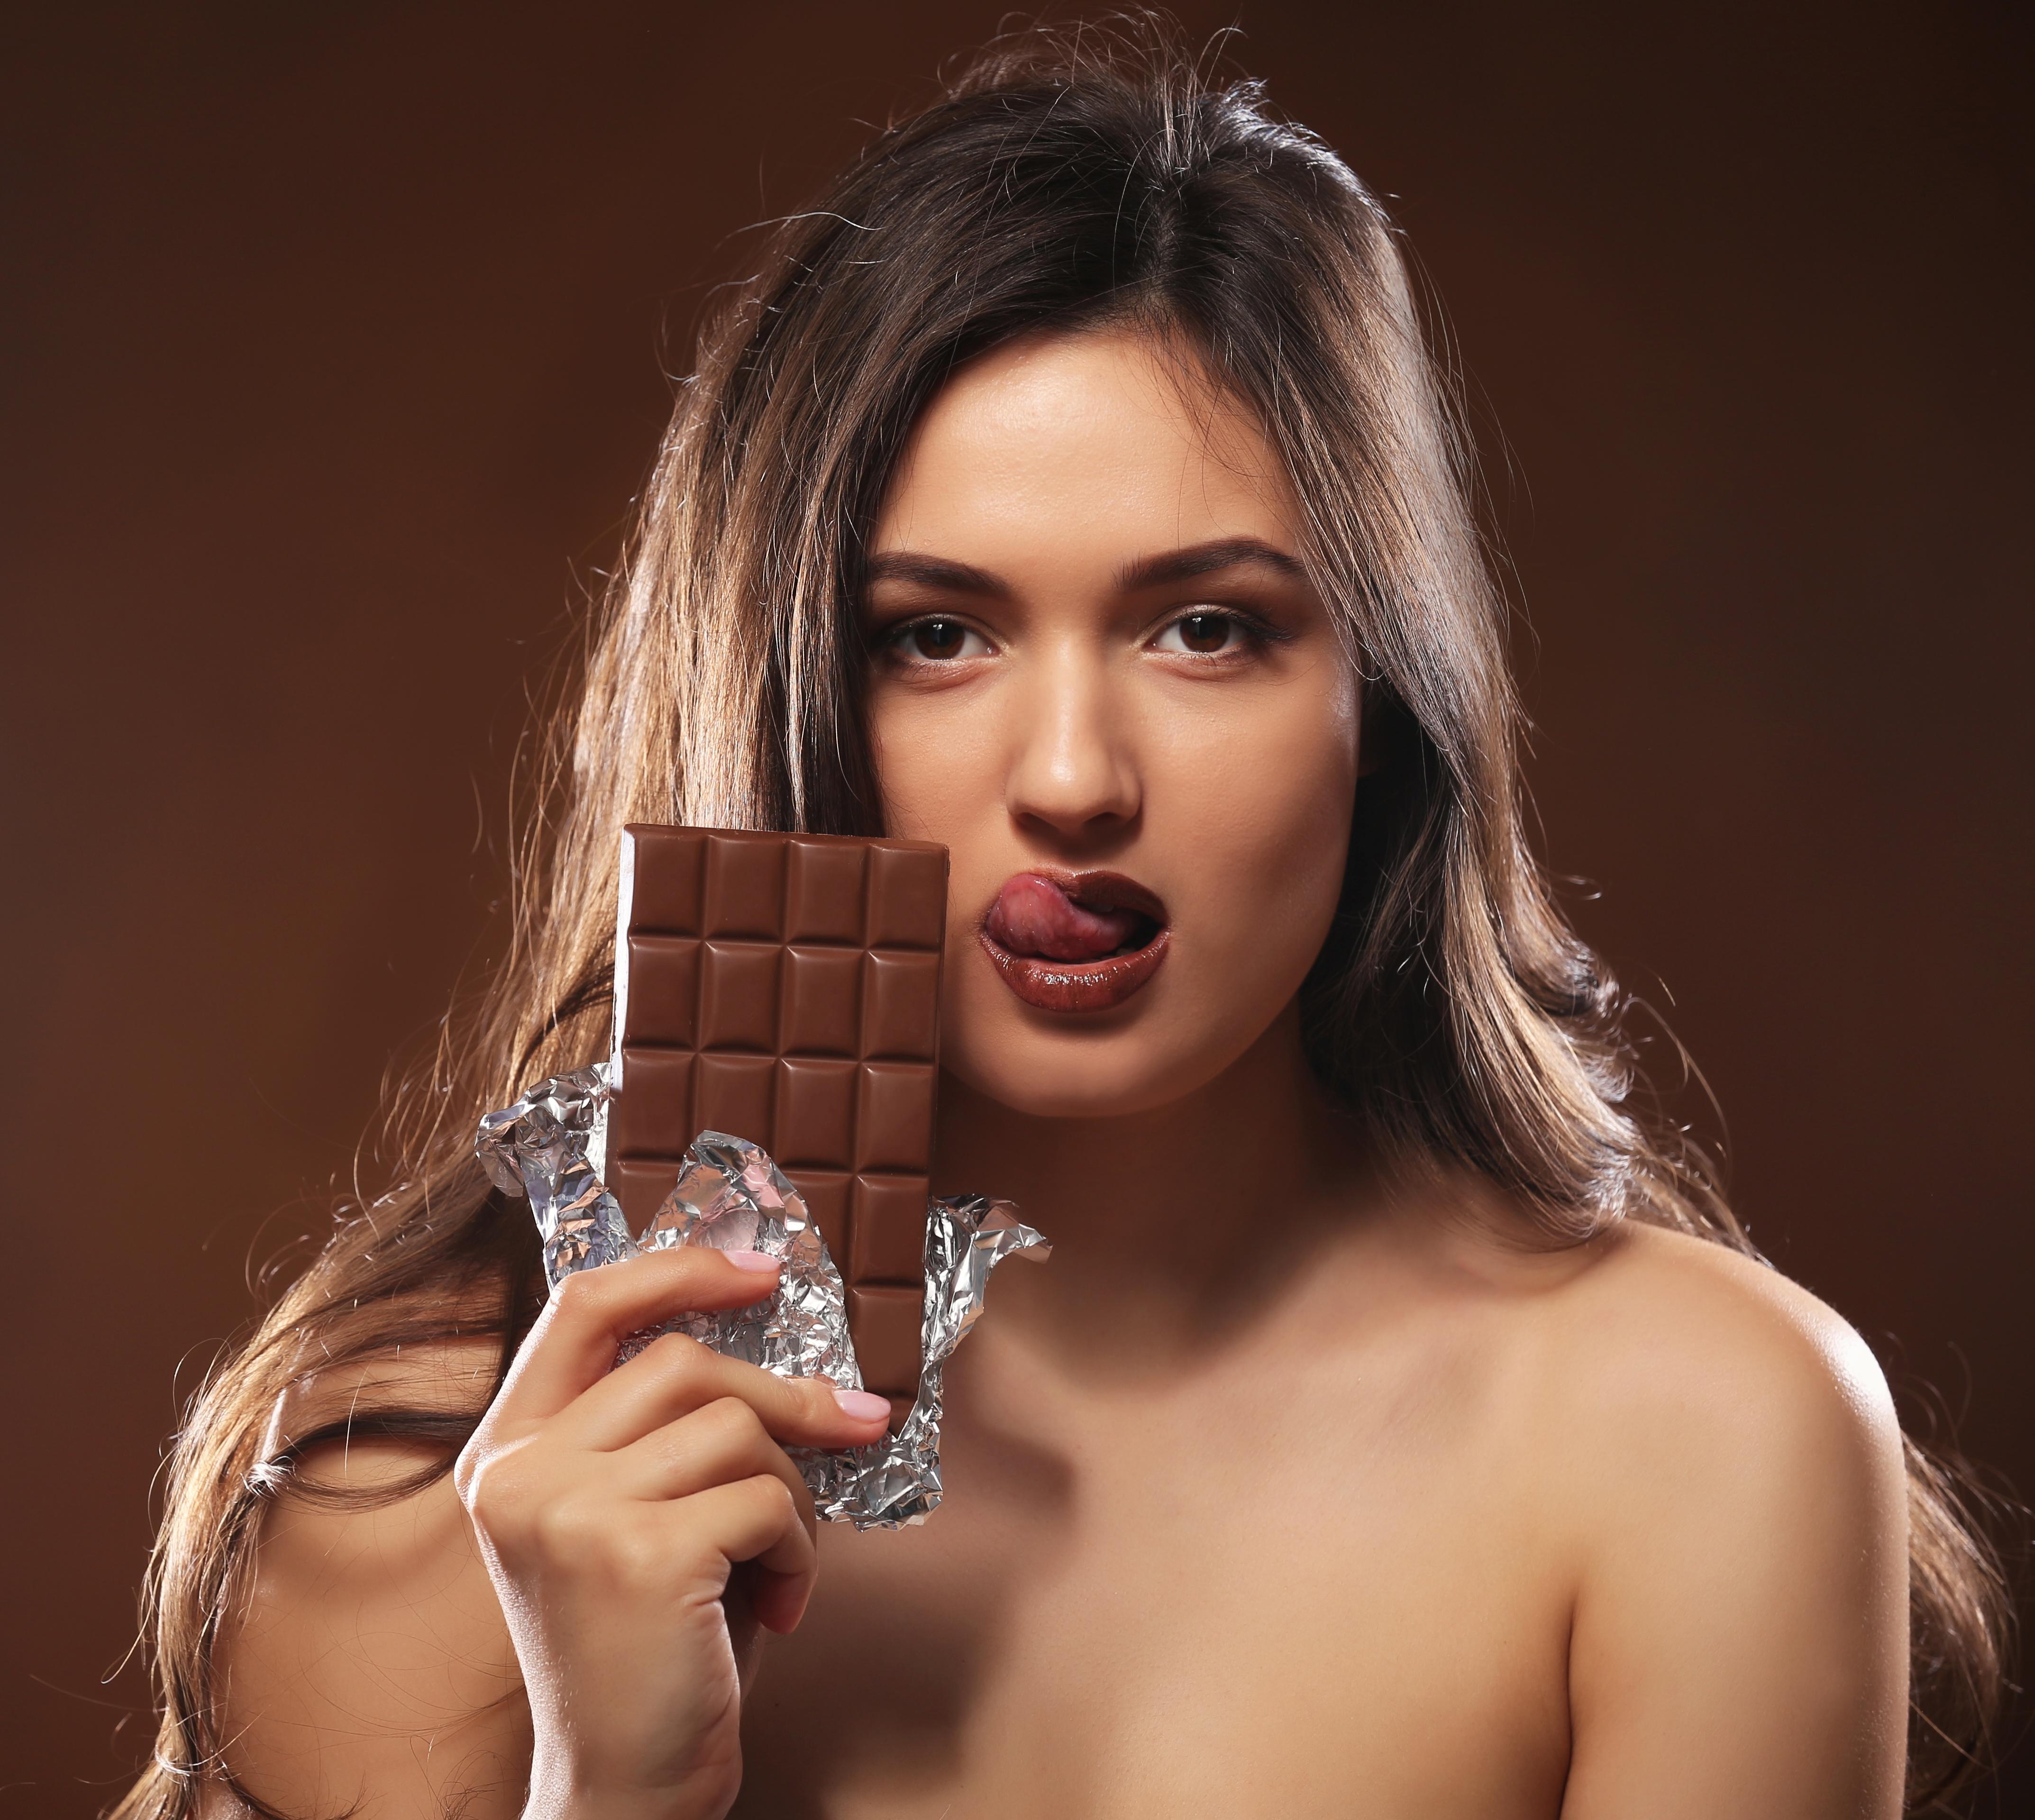 Смешные картинки про шоколад и женщин